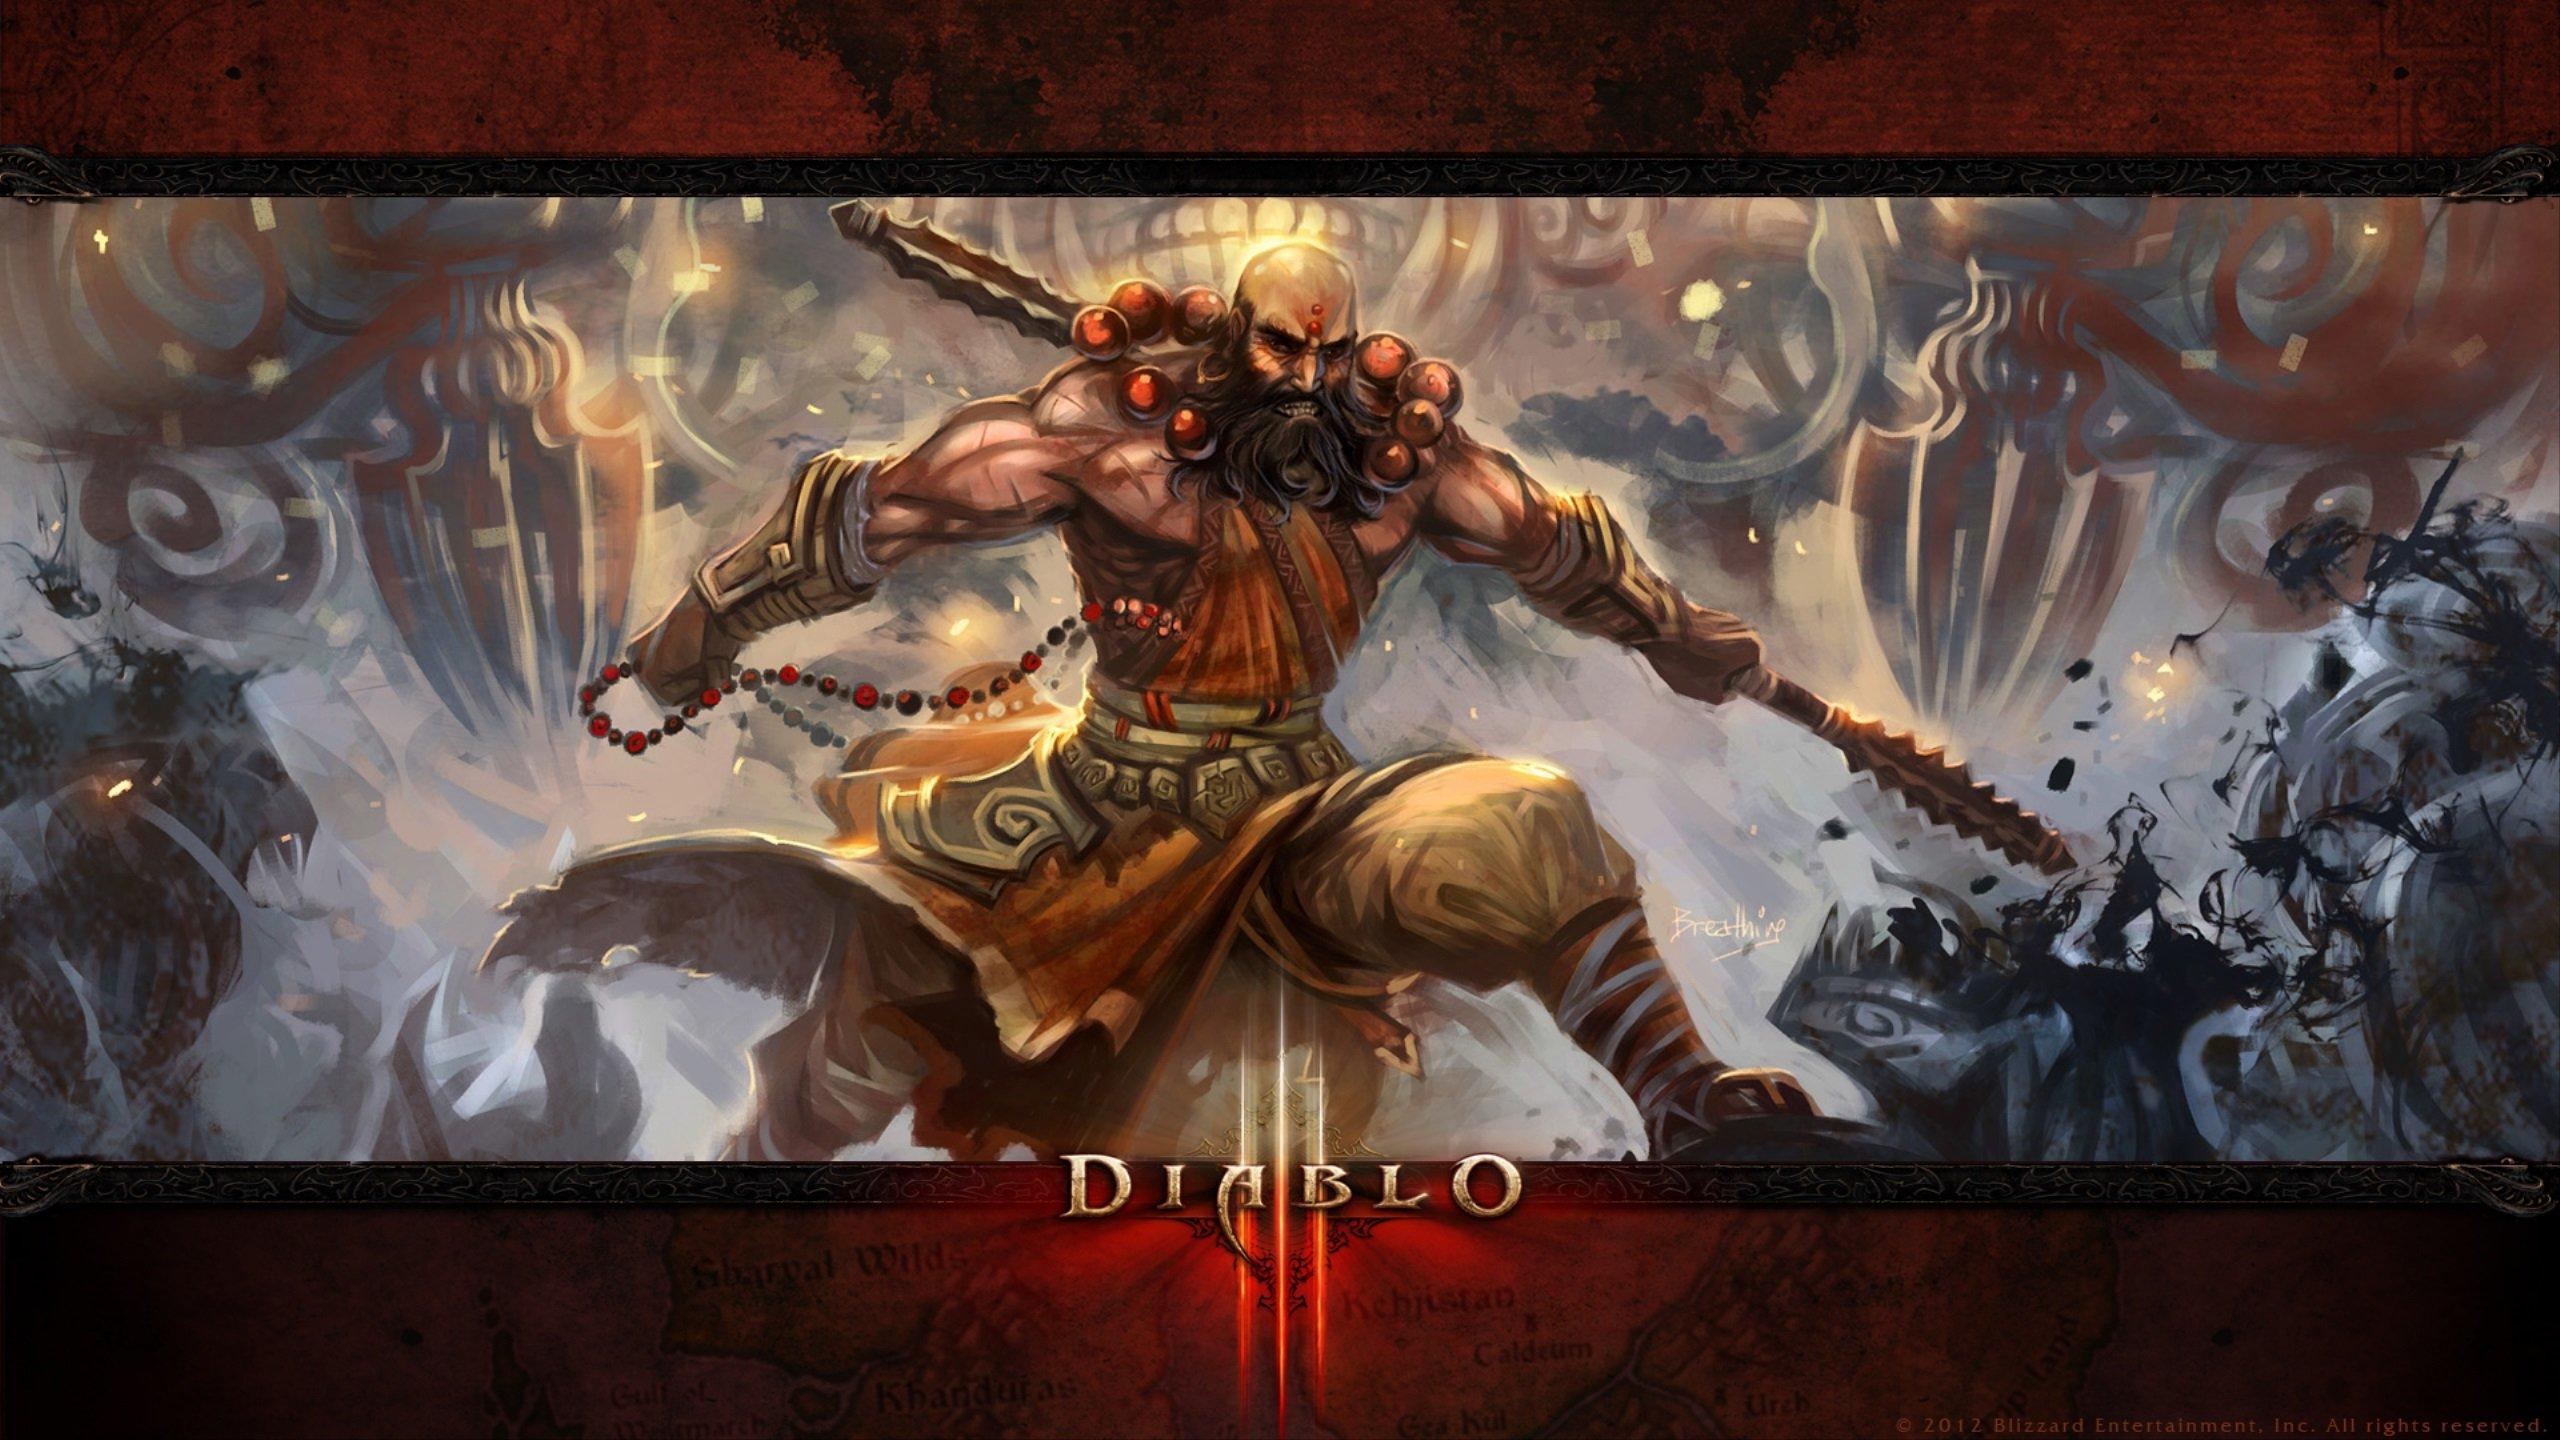 Пройдена Diablo III - Изображение 1